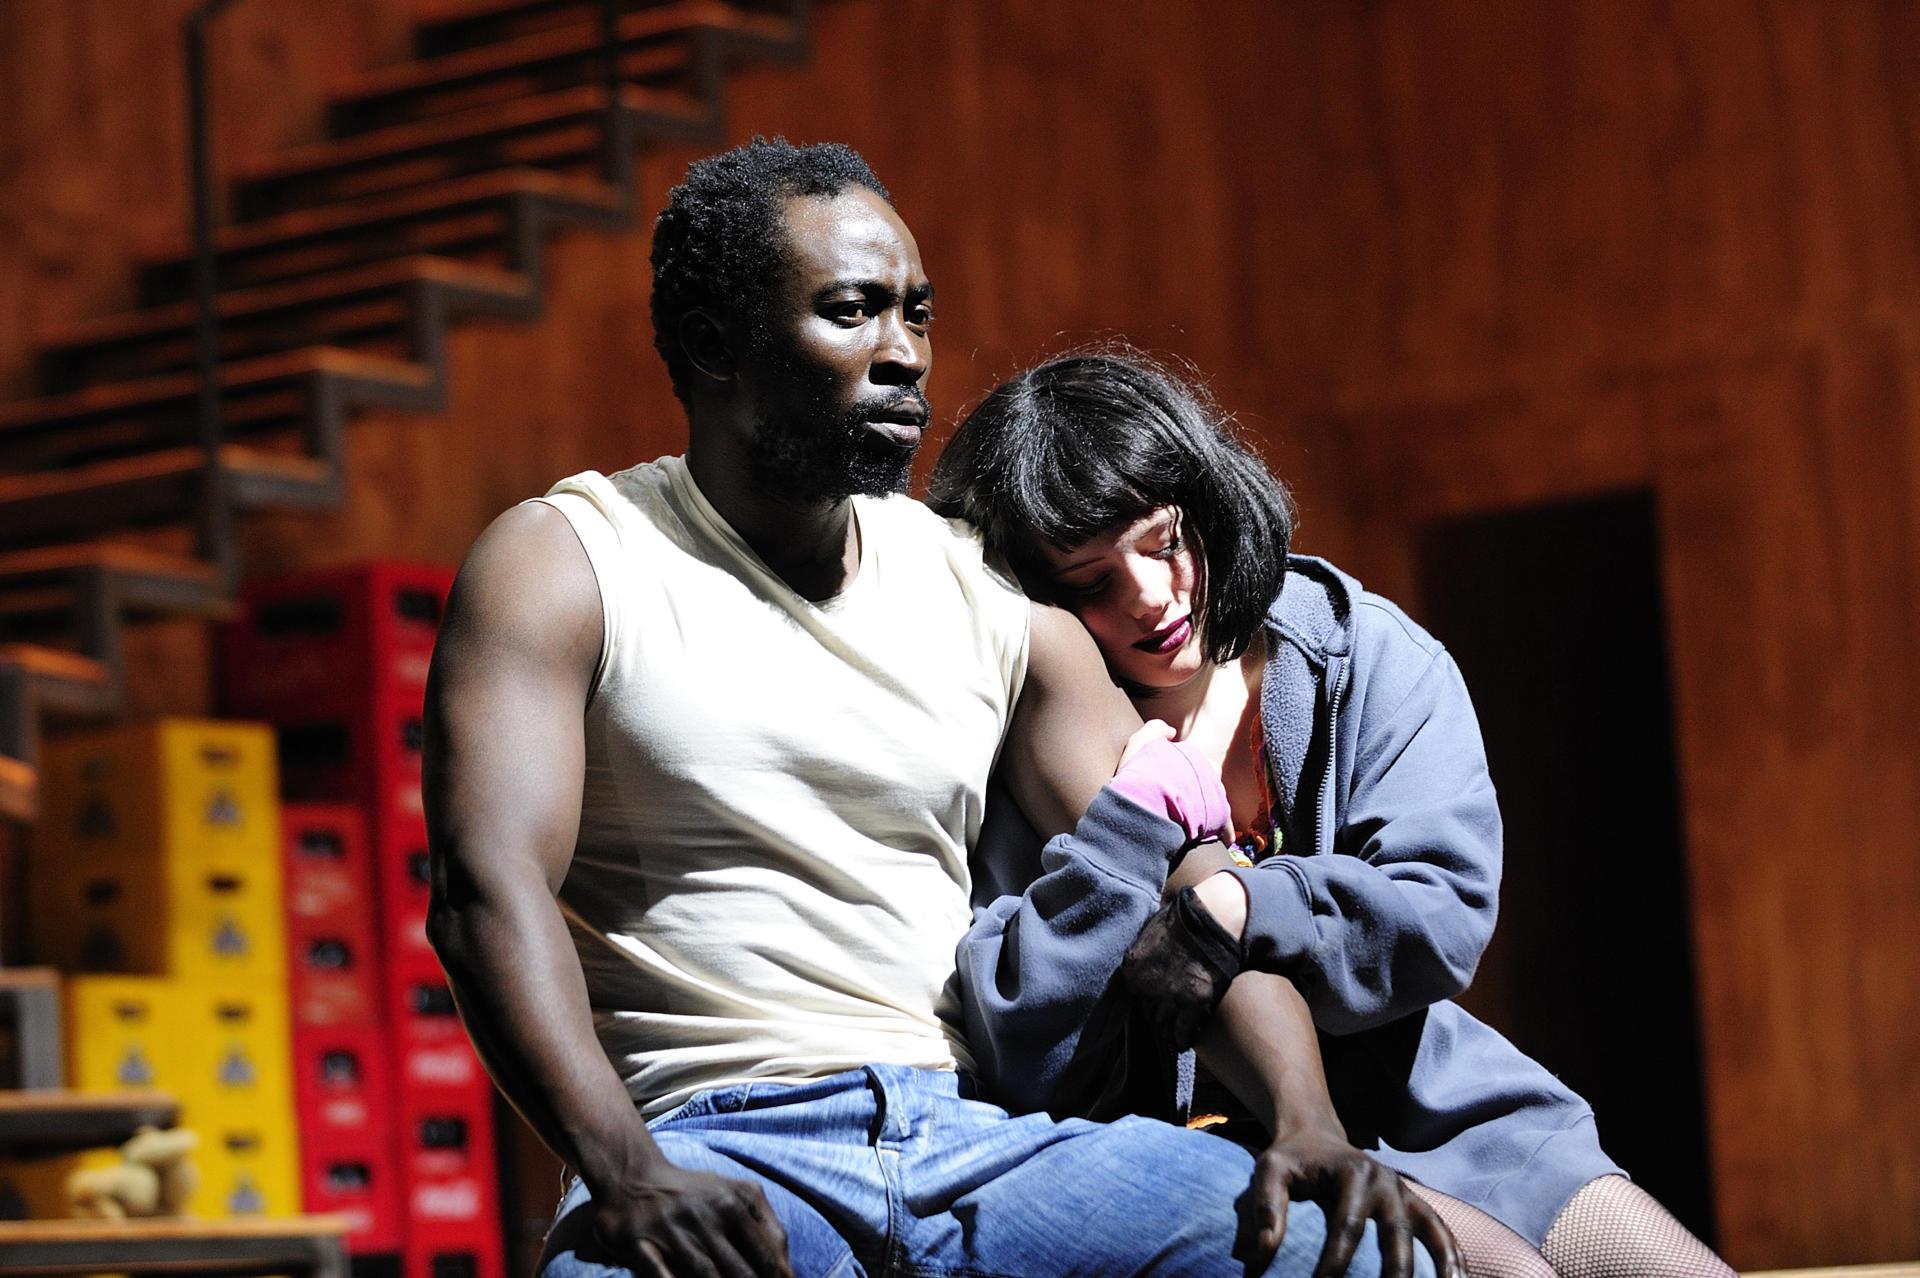 El 'Terra baixa' de Hasko Weber al Romea, el 2009, ens presentava un Manelic negre encarnat per Babou Cham